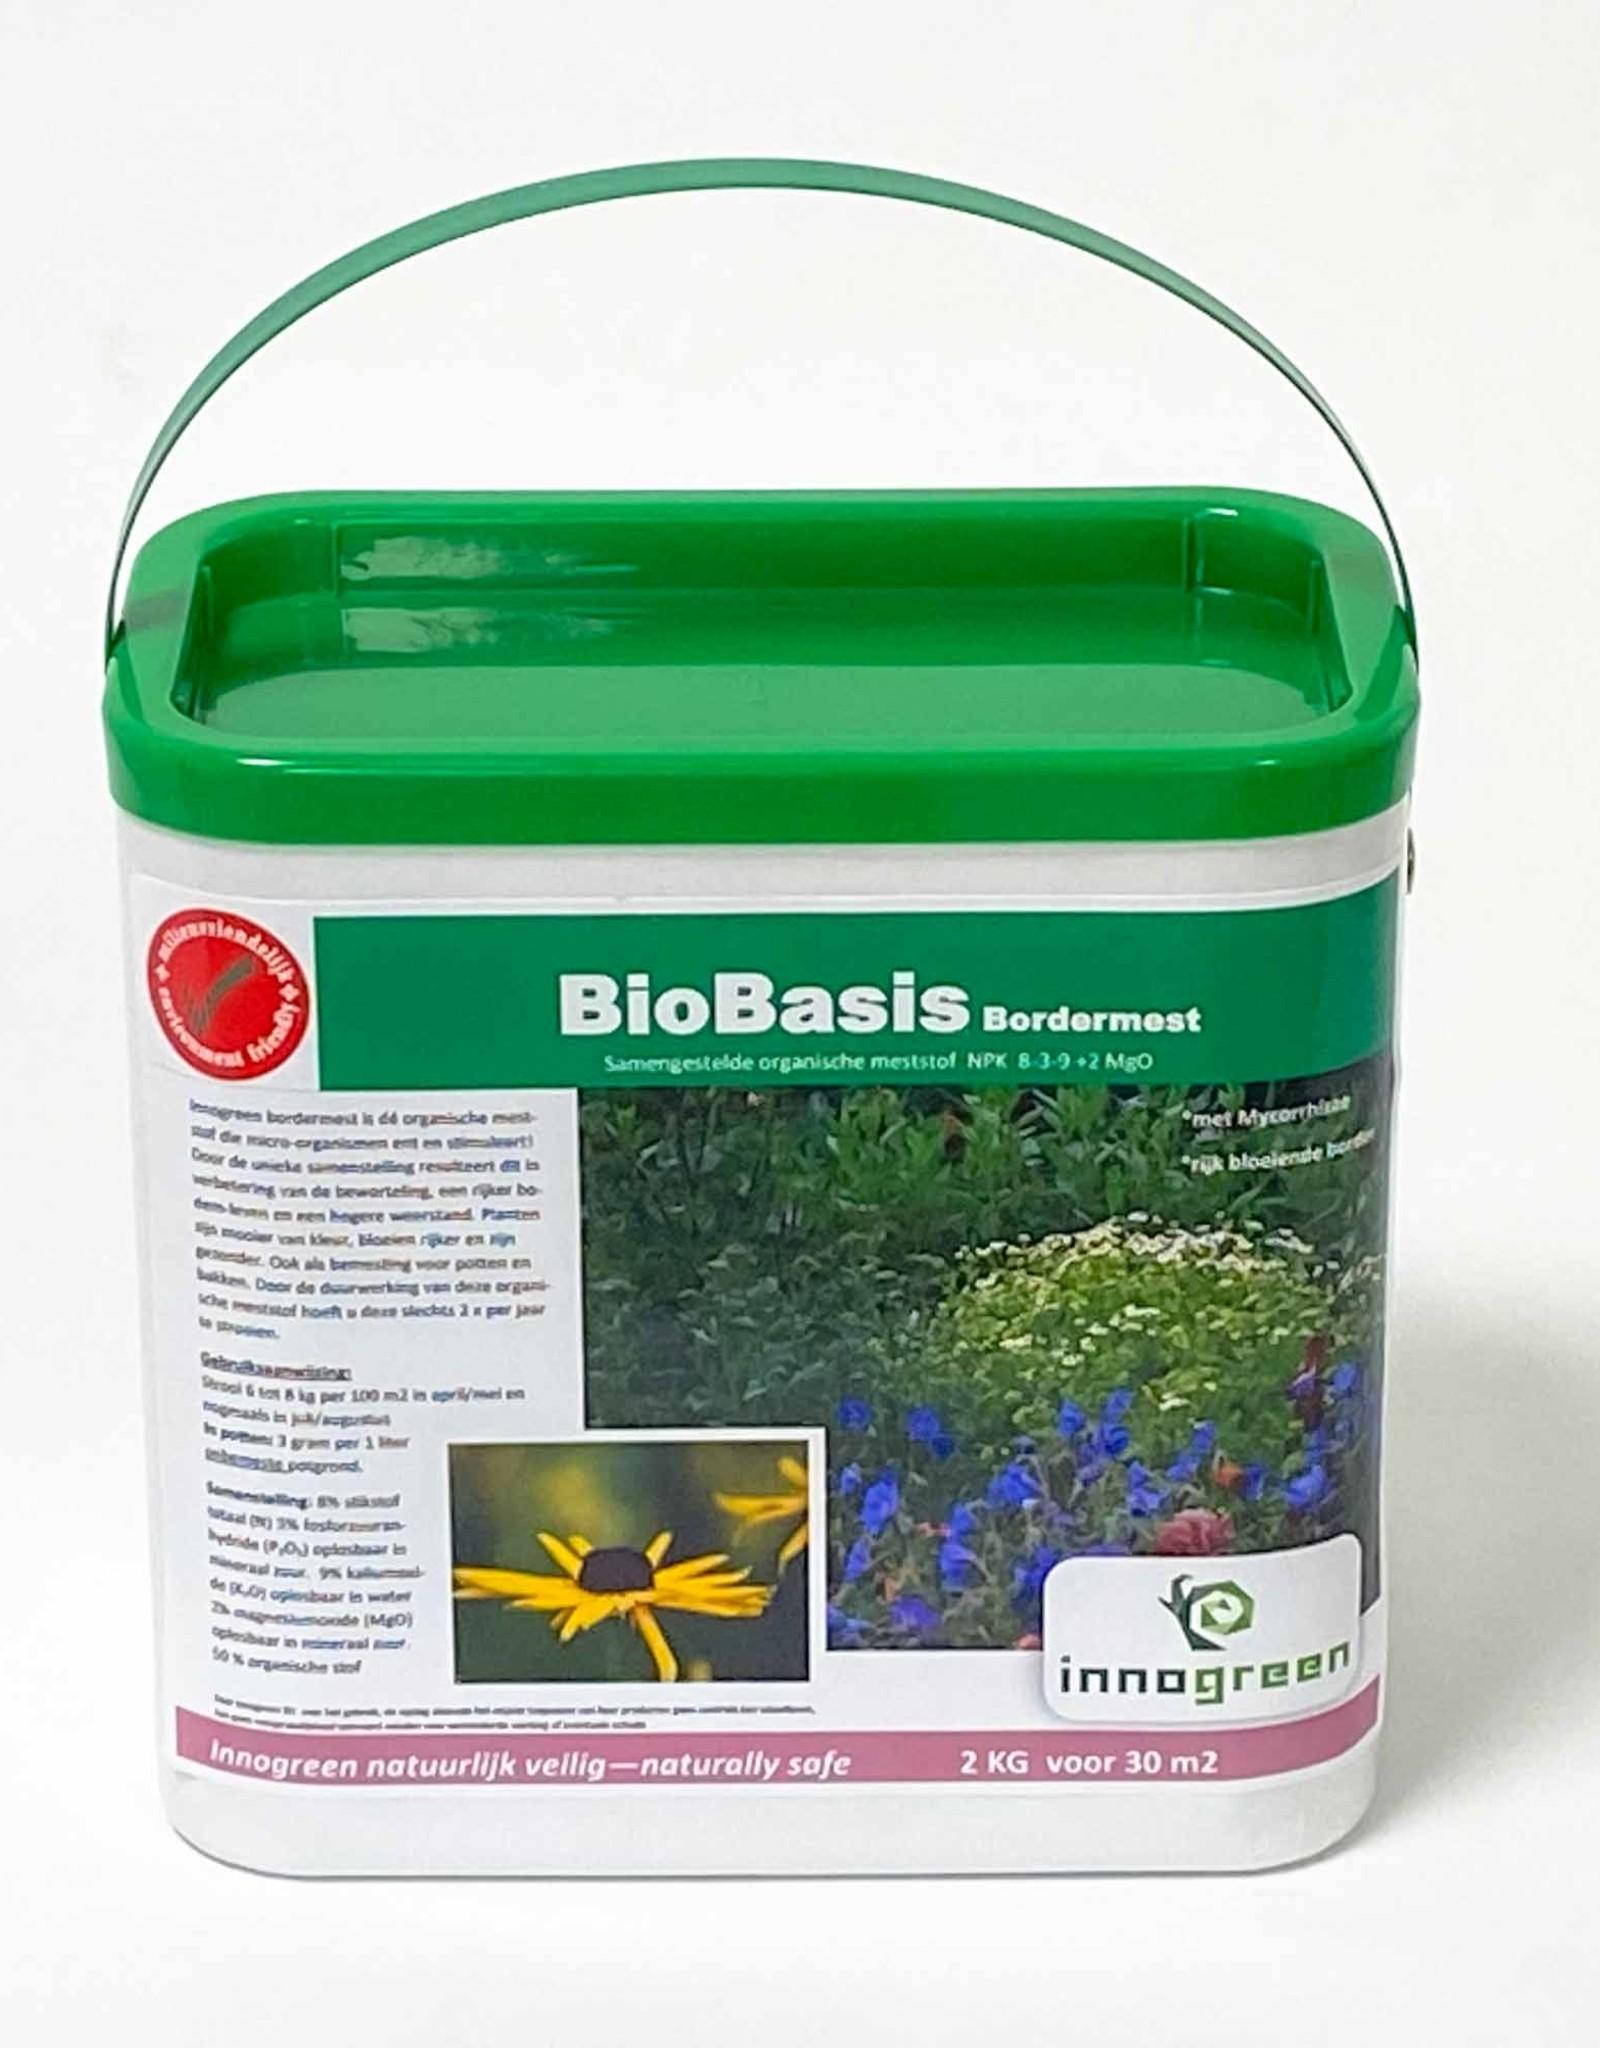 Brimex Innogreen Innogreen Biobasis NPK 8-3-9 + 2 MgO verrijkt met diverse micro-organismen